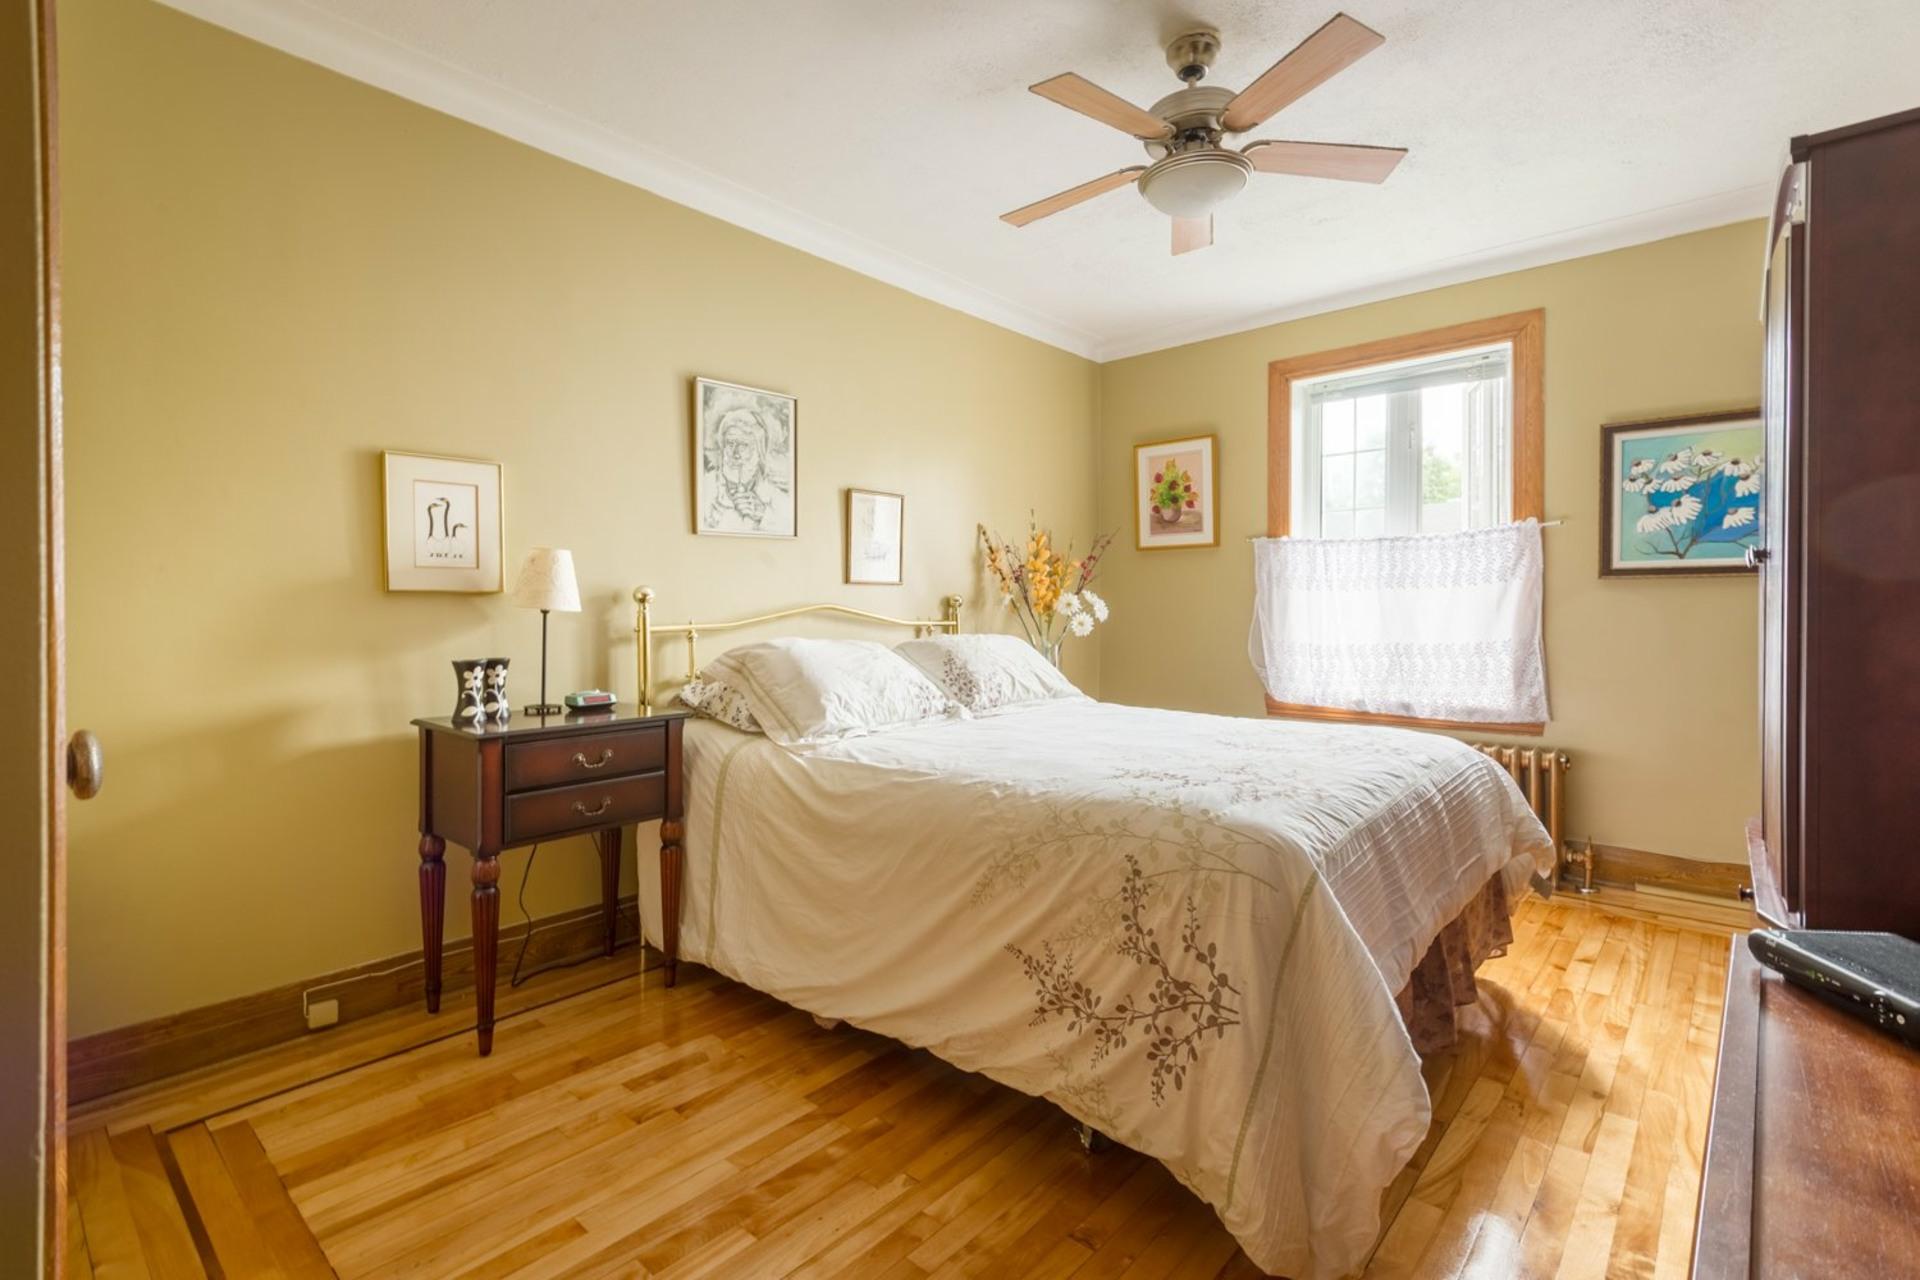 image 10 - Duplex For sale Sainte-Anne-de-Bellevue - 6 rooms